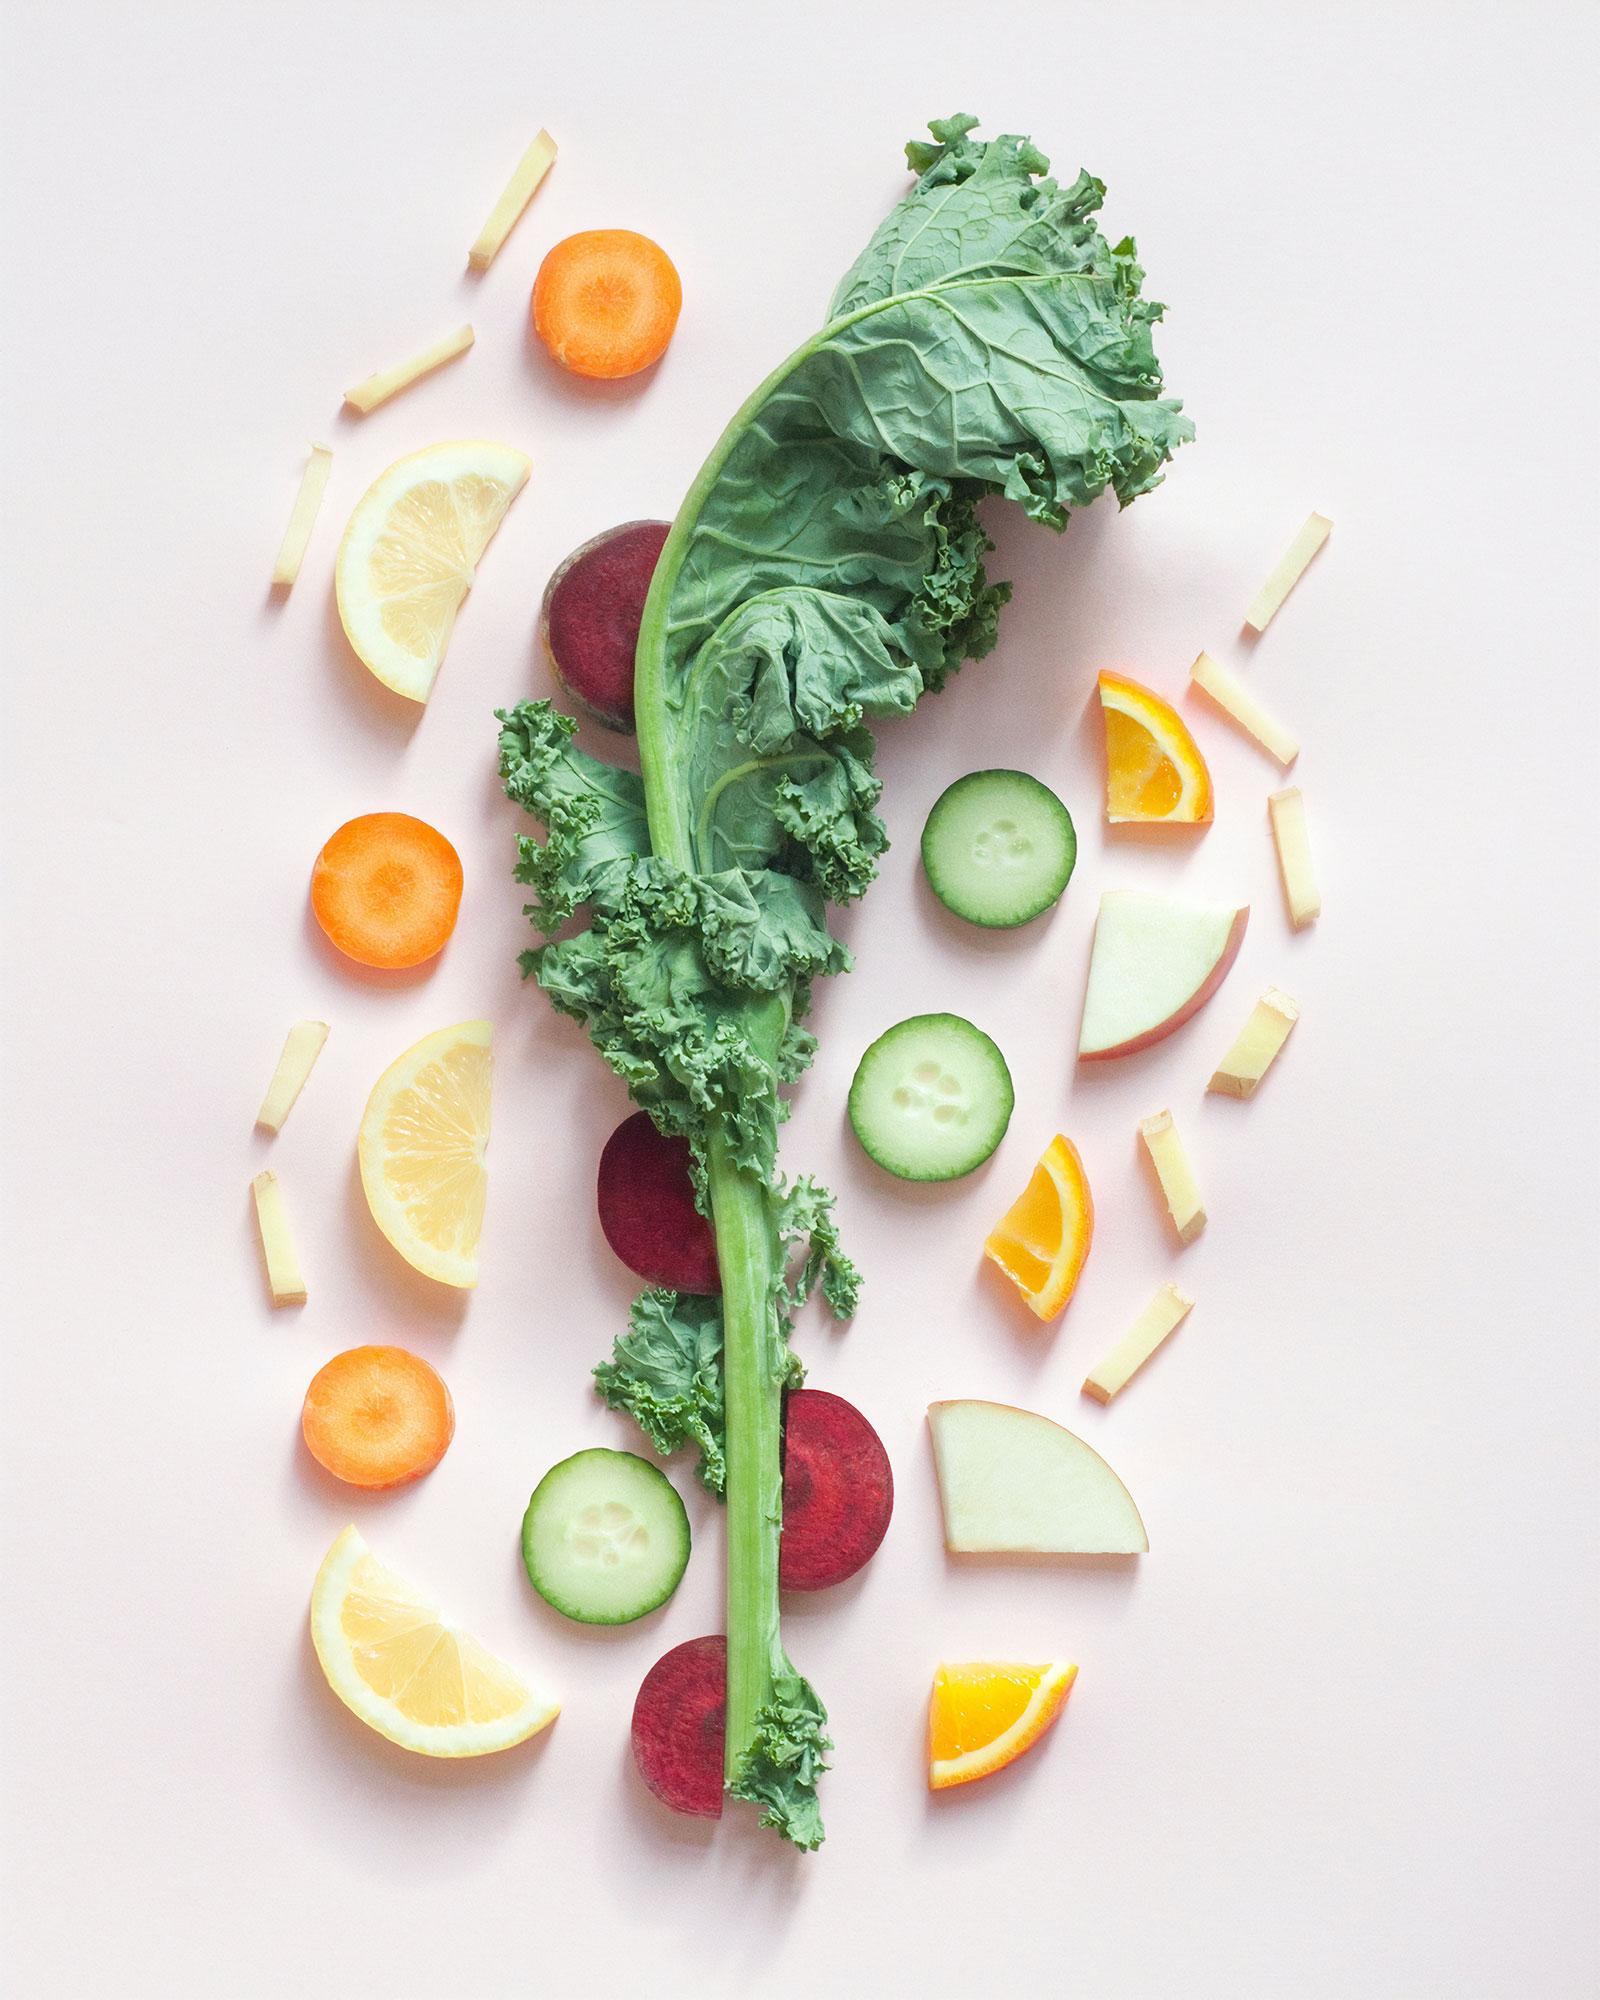 Die FOOD ZURICH kommt und bringt Nachhaltiges